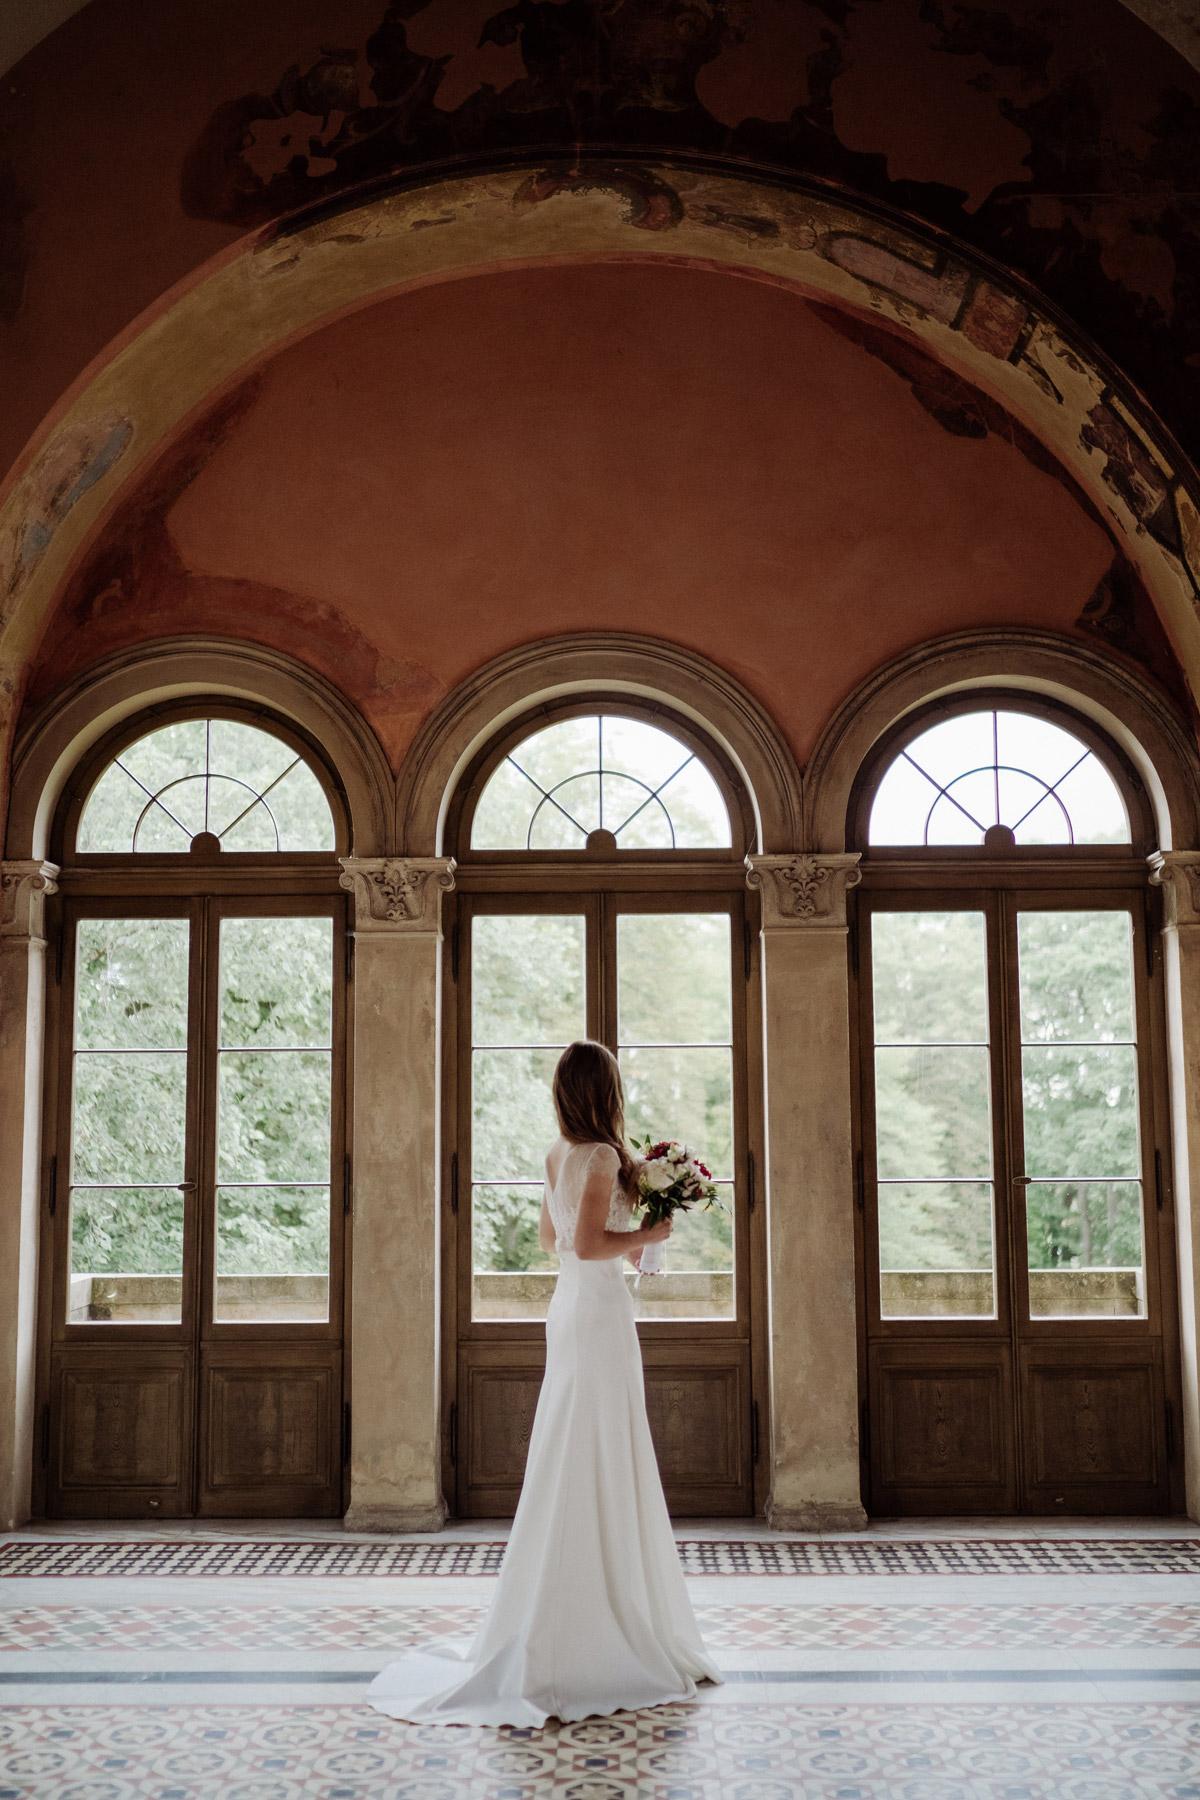 Hochzeitsfotos Tipps und Posen; Standesamt Potsdam Hochzeit im Schloss Belvedere auf dem Pfingstberg mit Tipps für natürliche Hochzeitspaarfotos von Hochzeitsfotograf Berlin © www.hochzeitslicht.de #hochzeitslicht